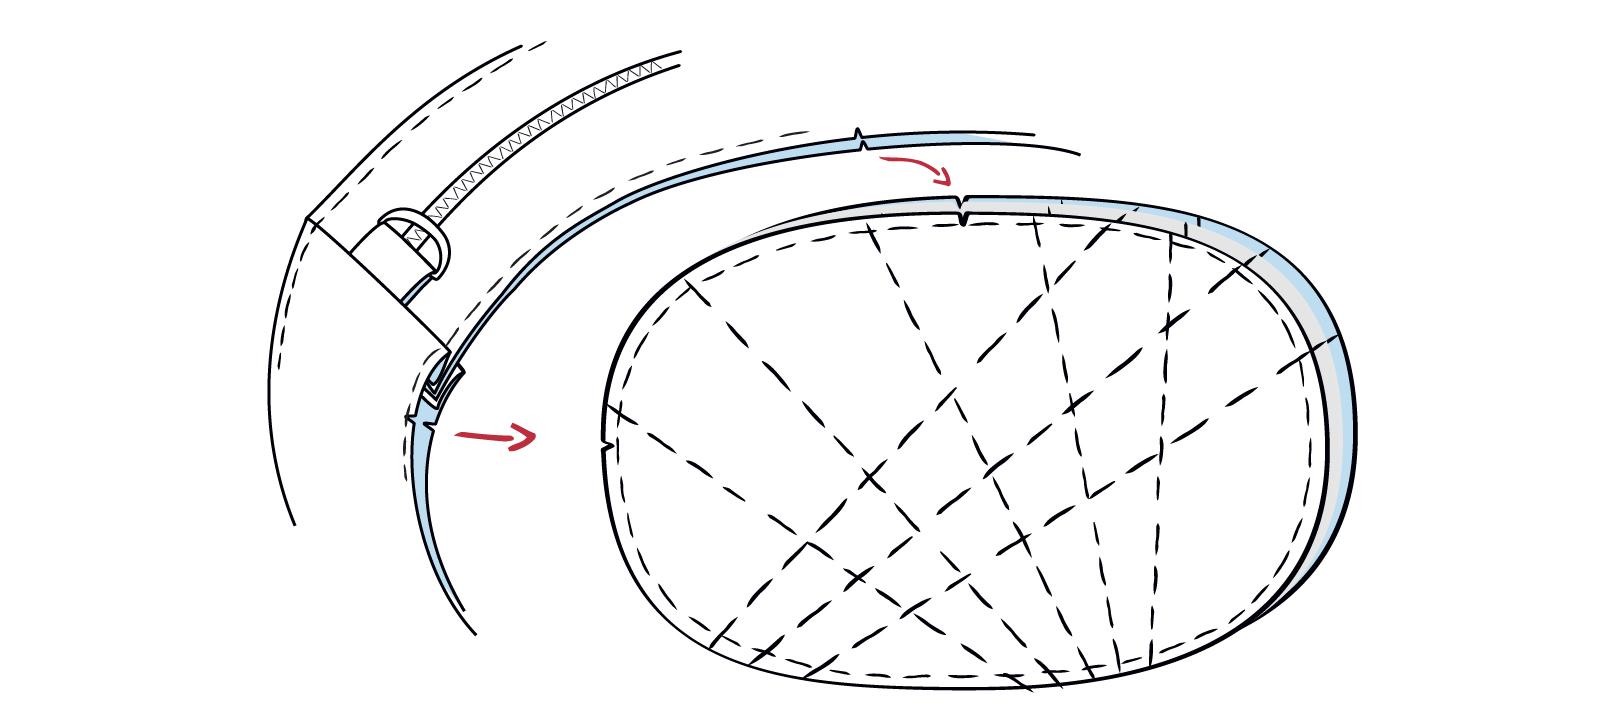 Seitenteil rechts auf rechts an den Knipsen des Vorderteils feststecken und rundherum annähen